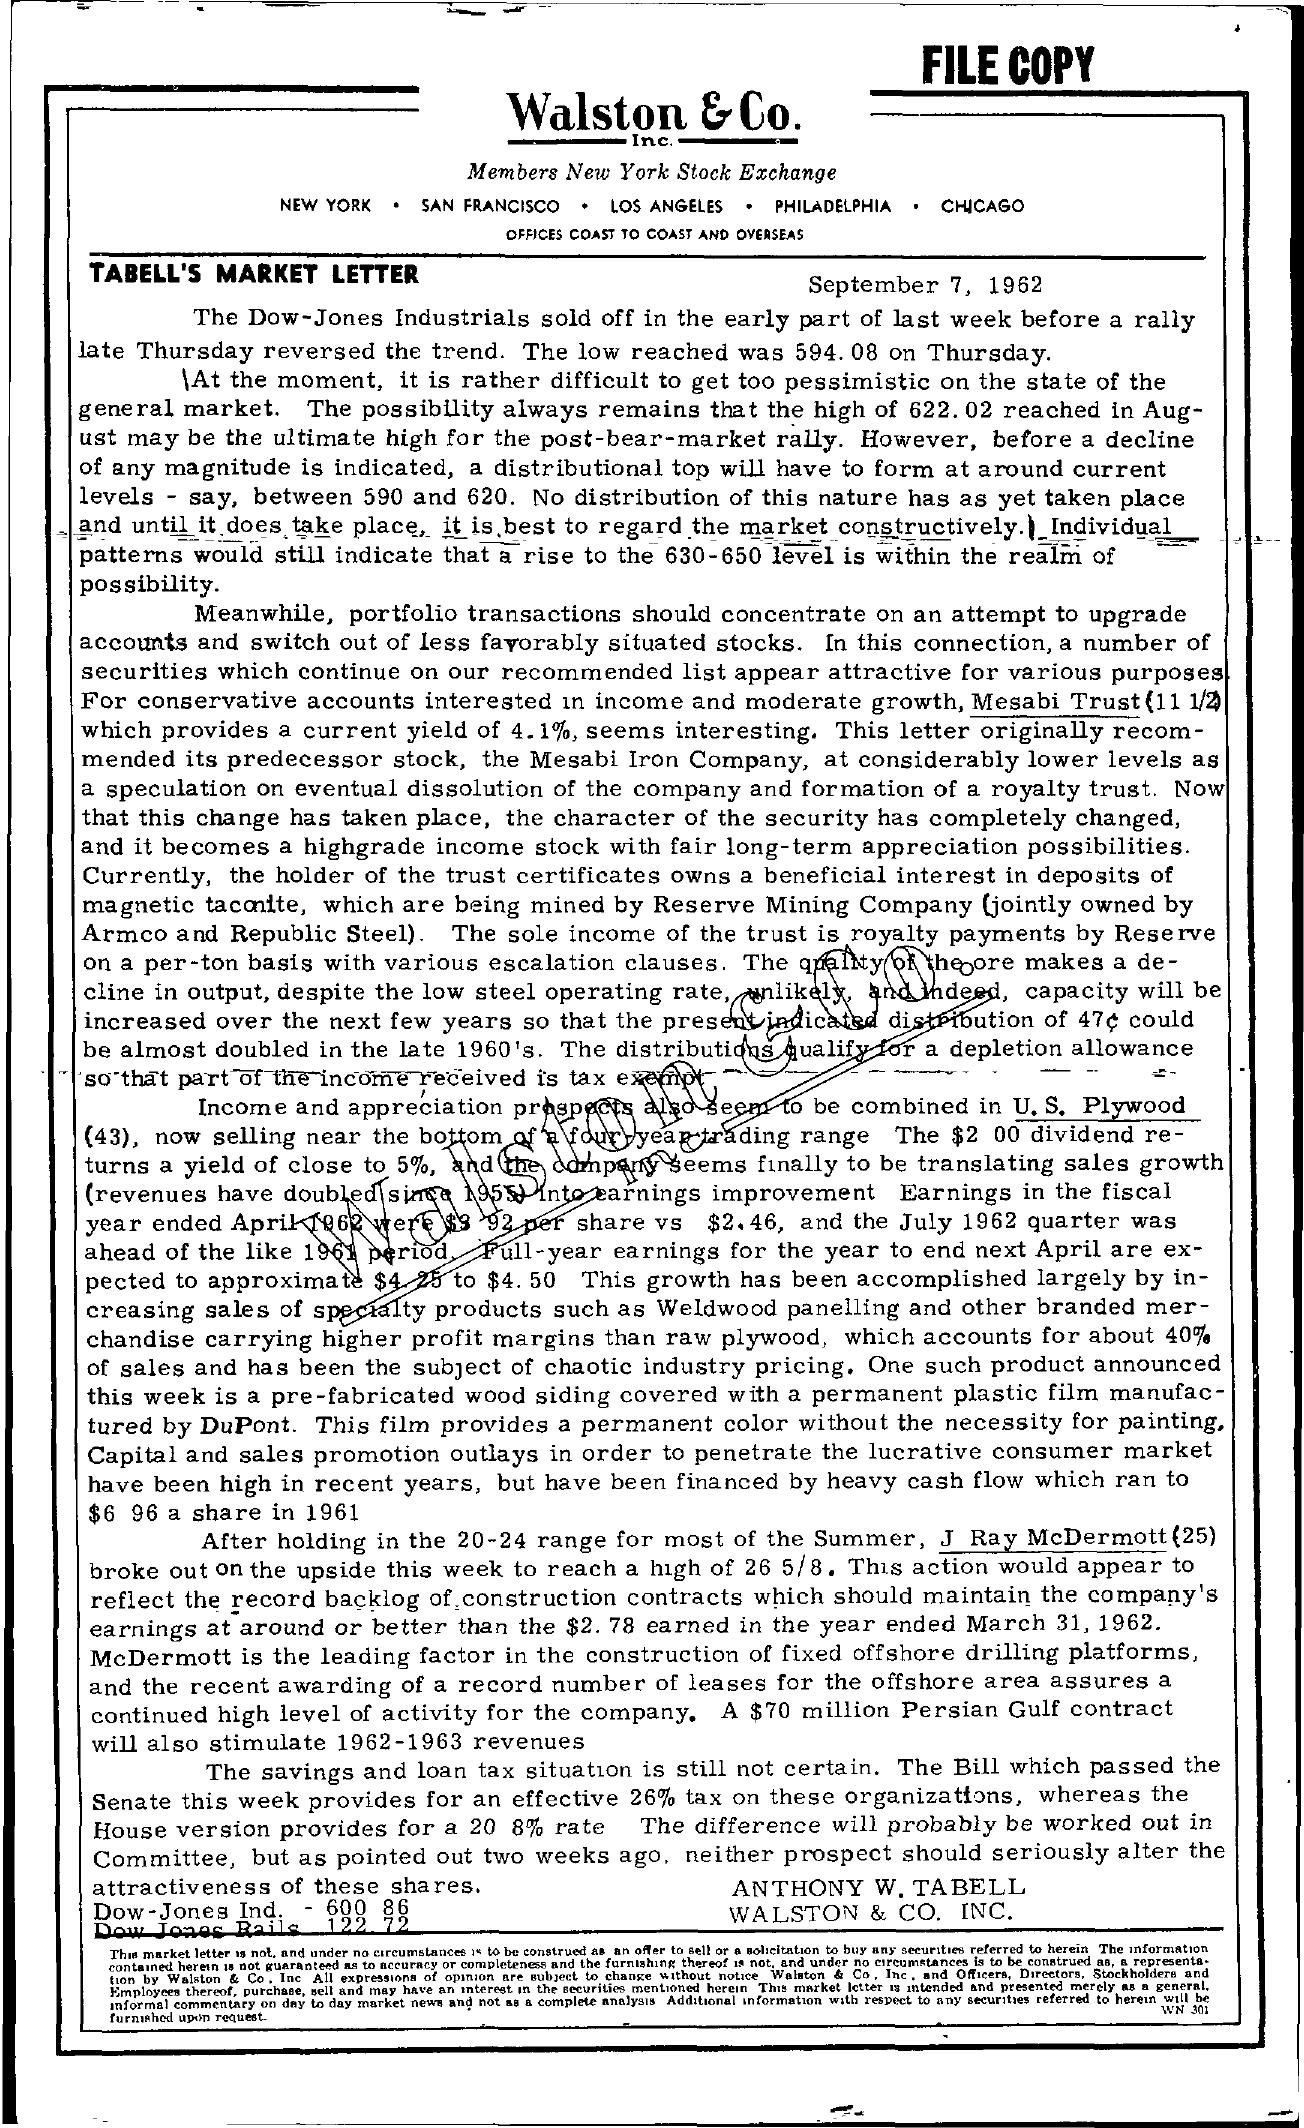 Tabell's Market Letter - September 07, 1962